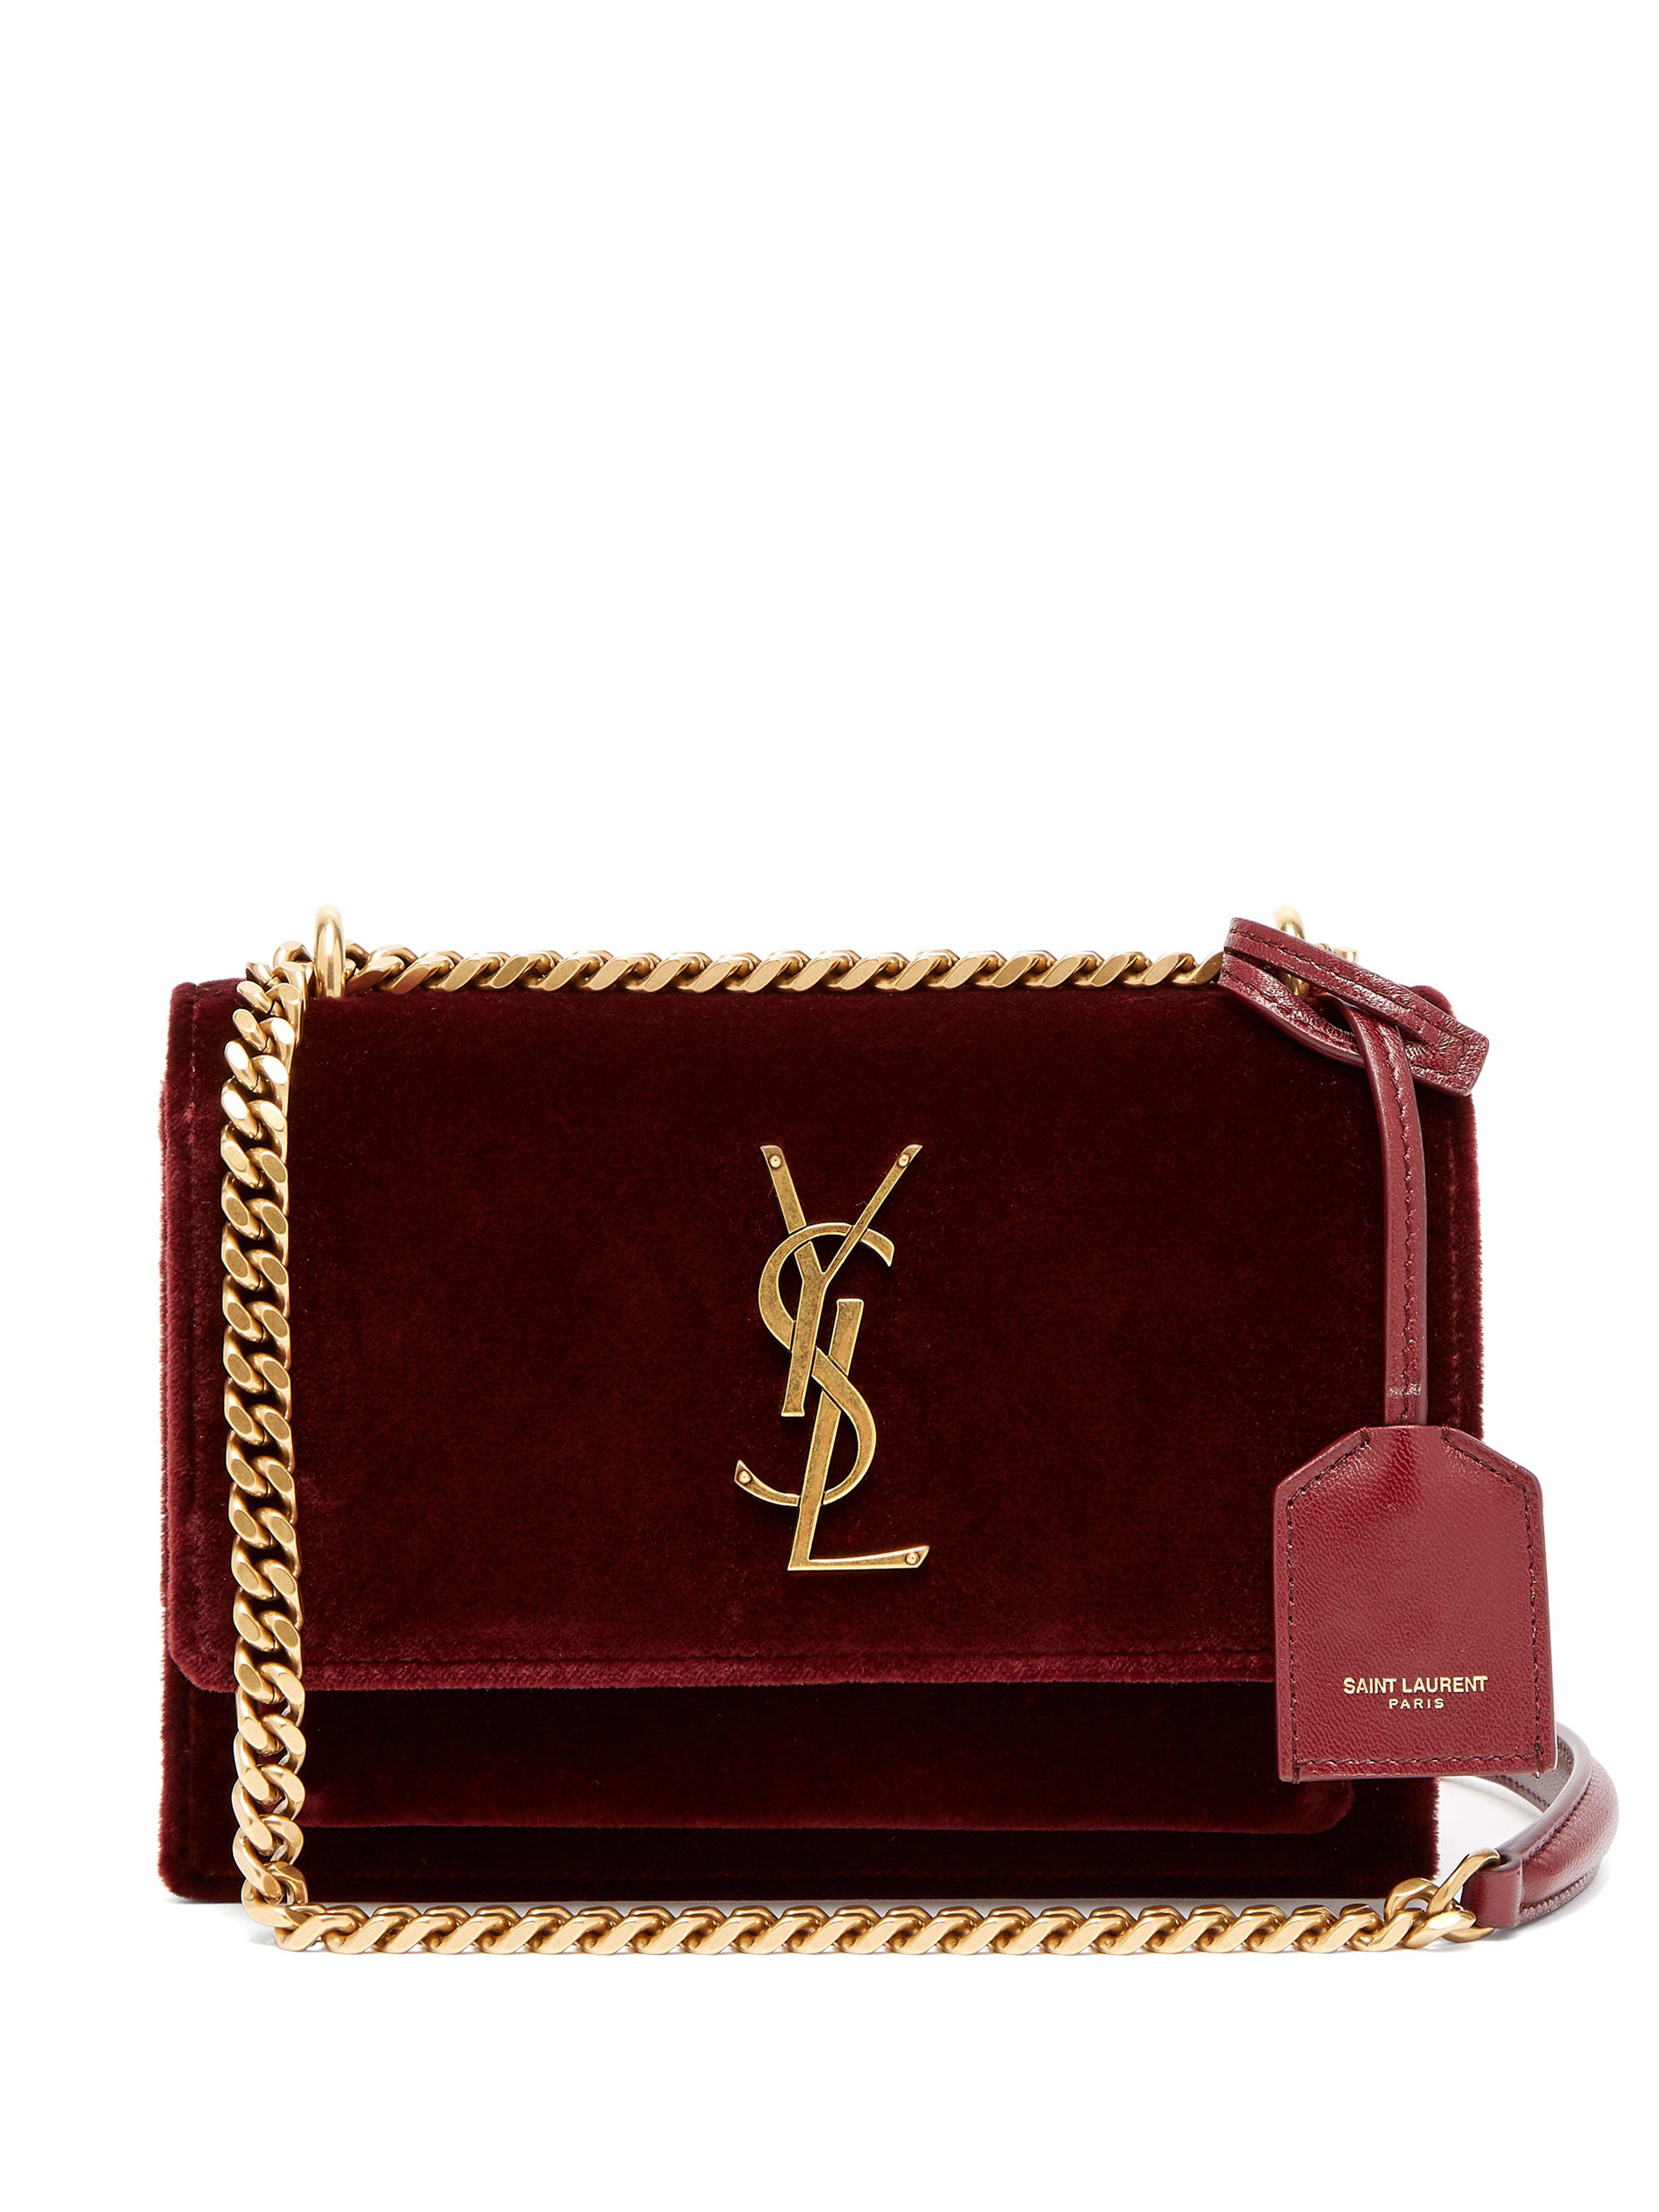 Saint Laurent Sunset Small Velvet Cross Body Bag in Purple - Lyst 95f1cd8ce6